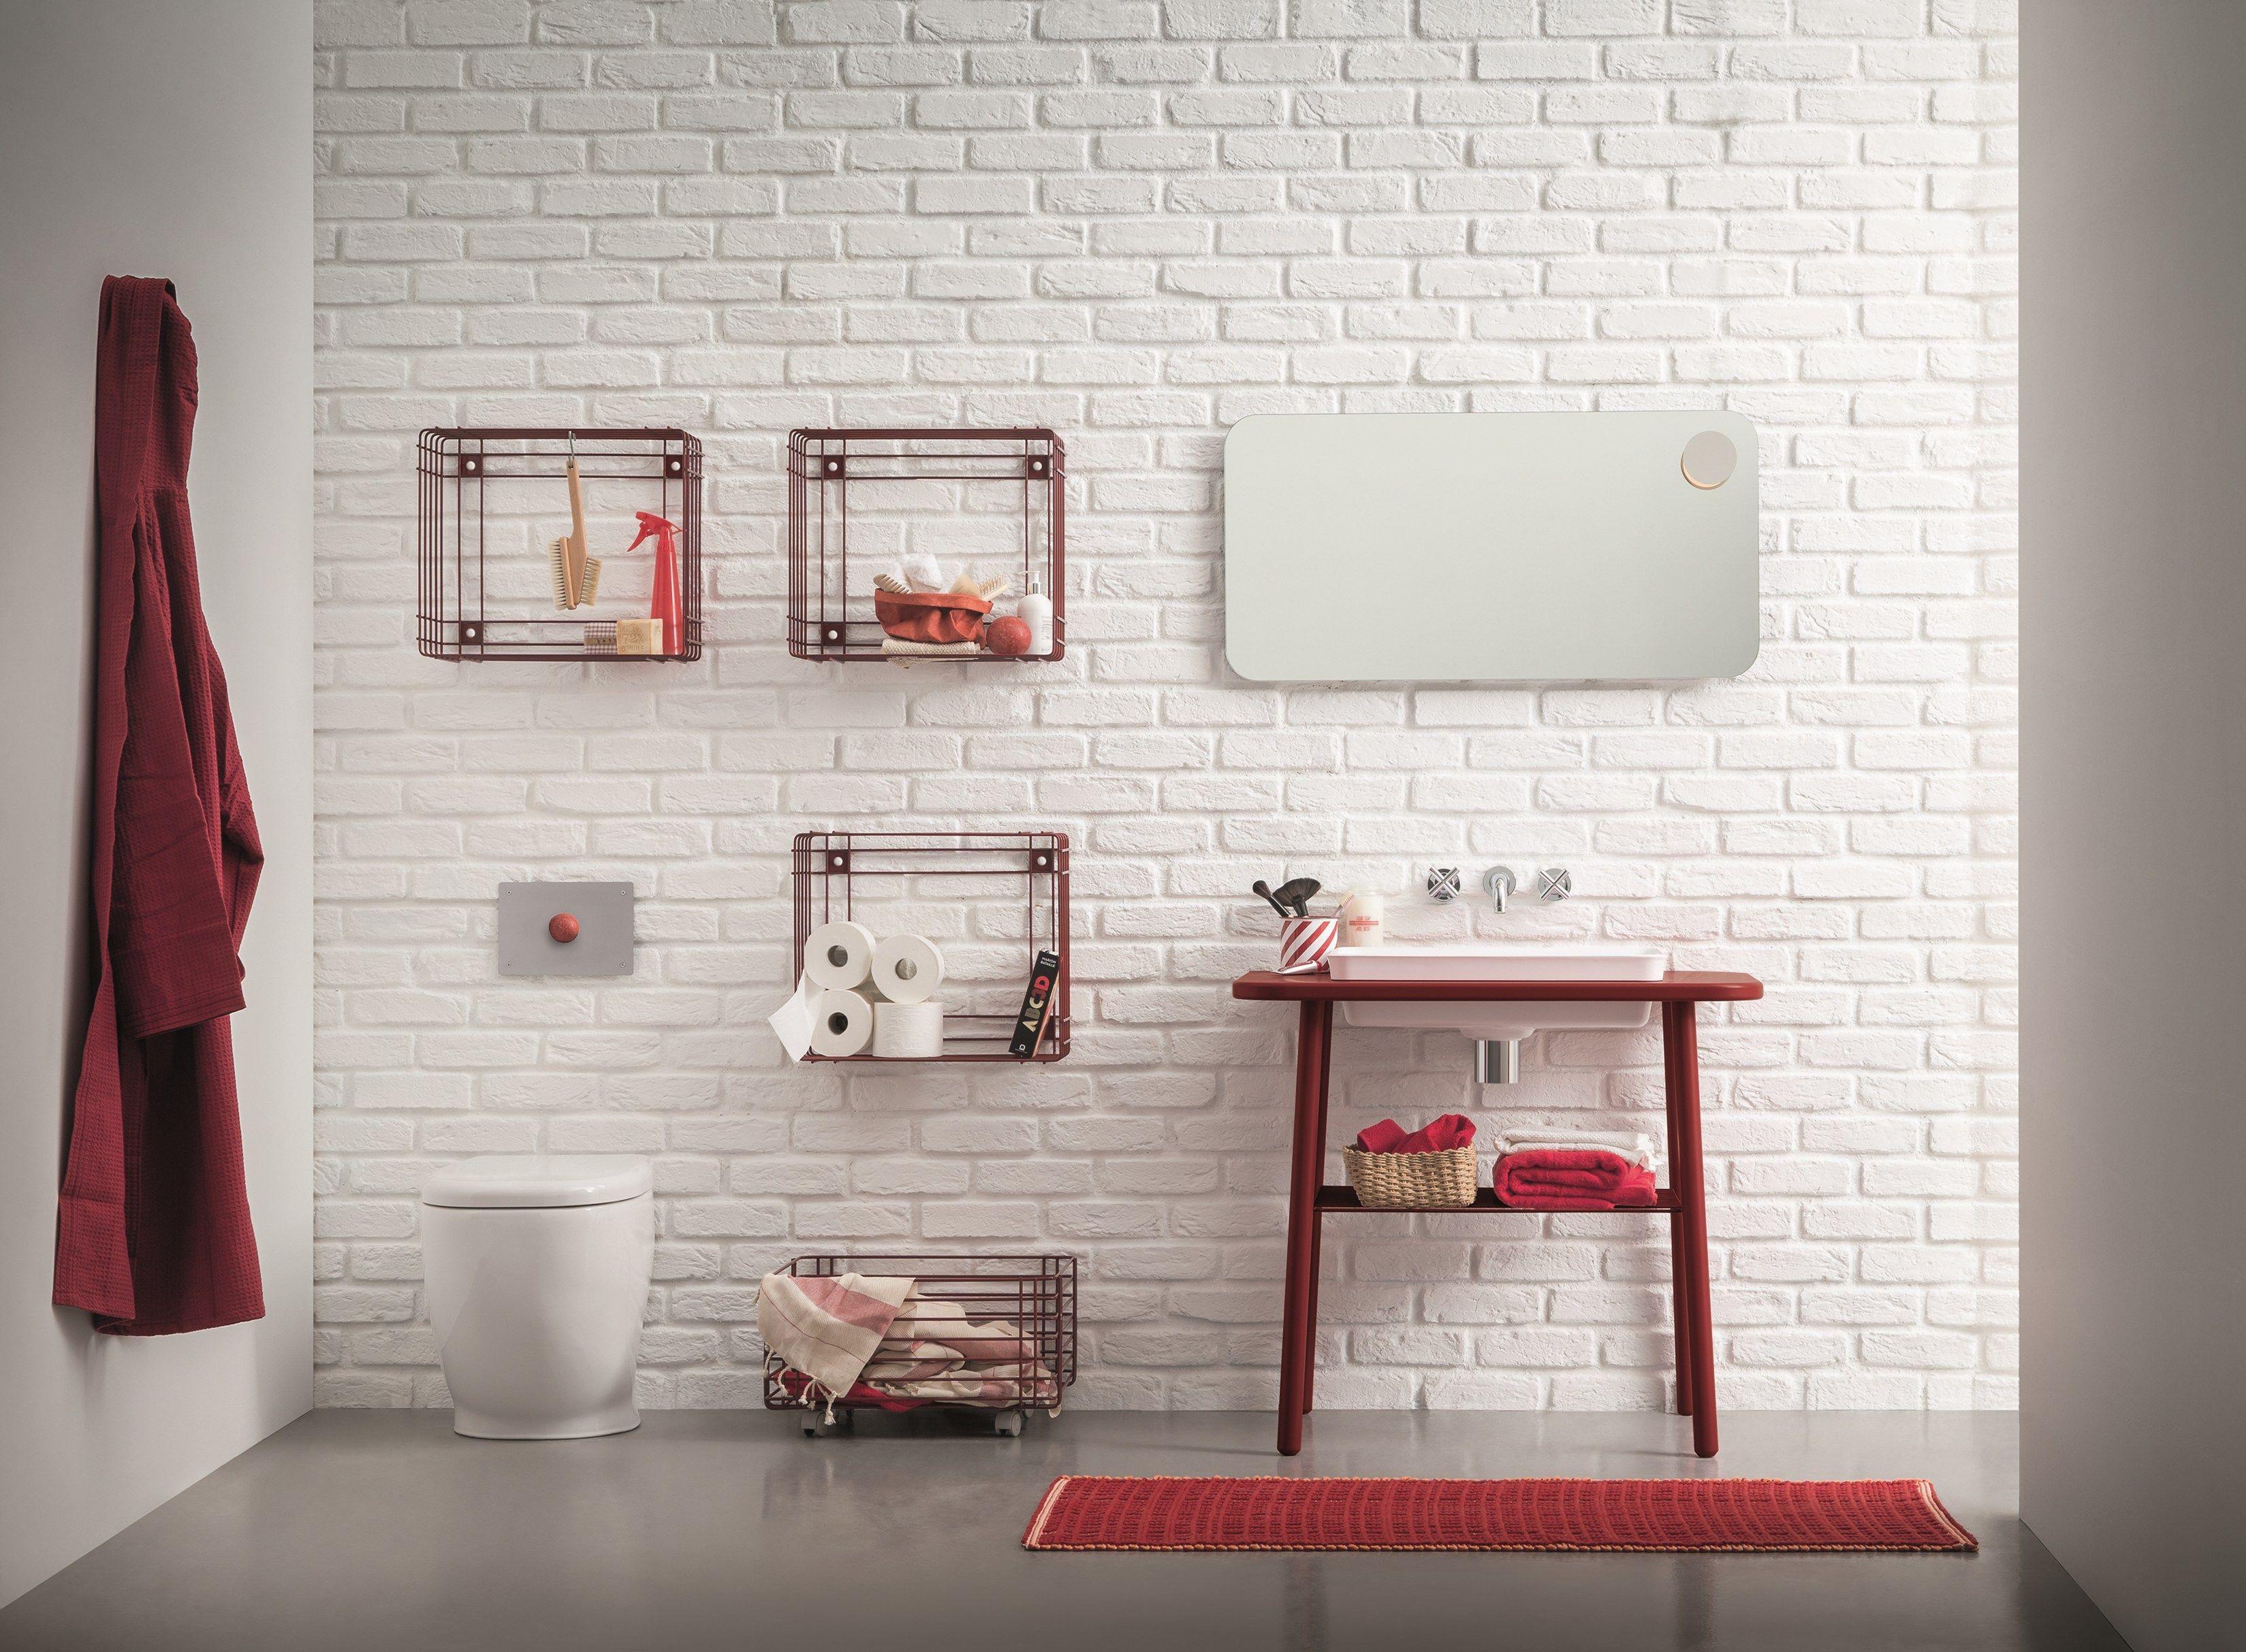 ACQUA E SAPONE BATH Specchio by Birex design Monica Graffeo